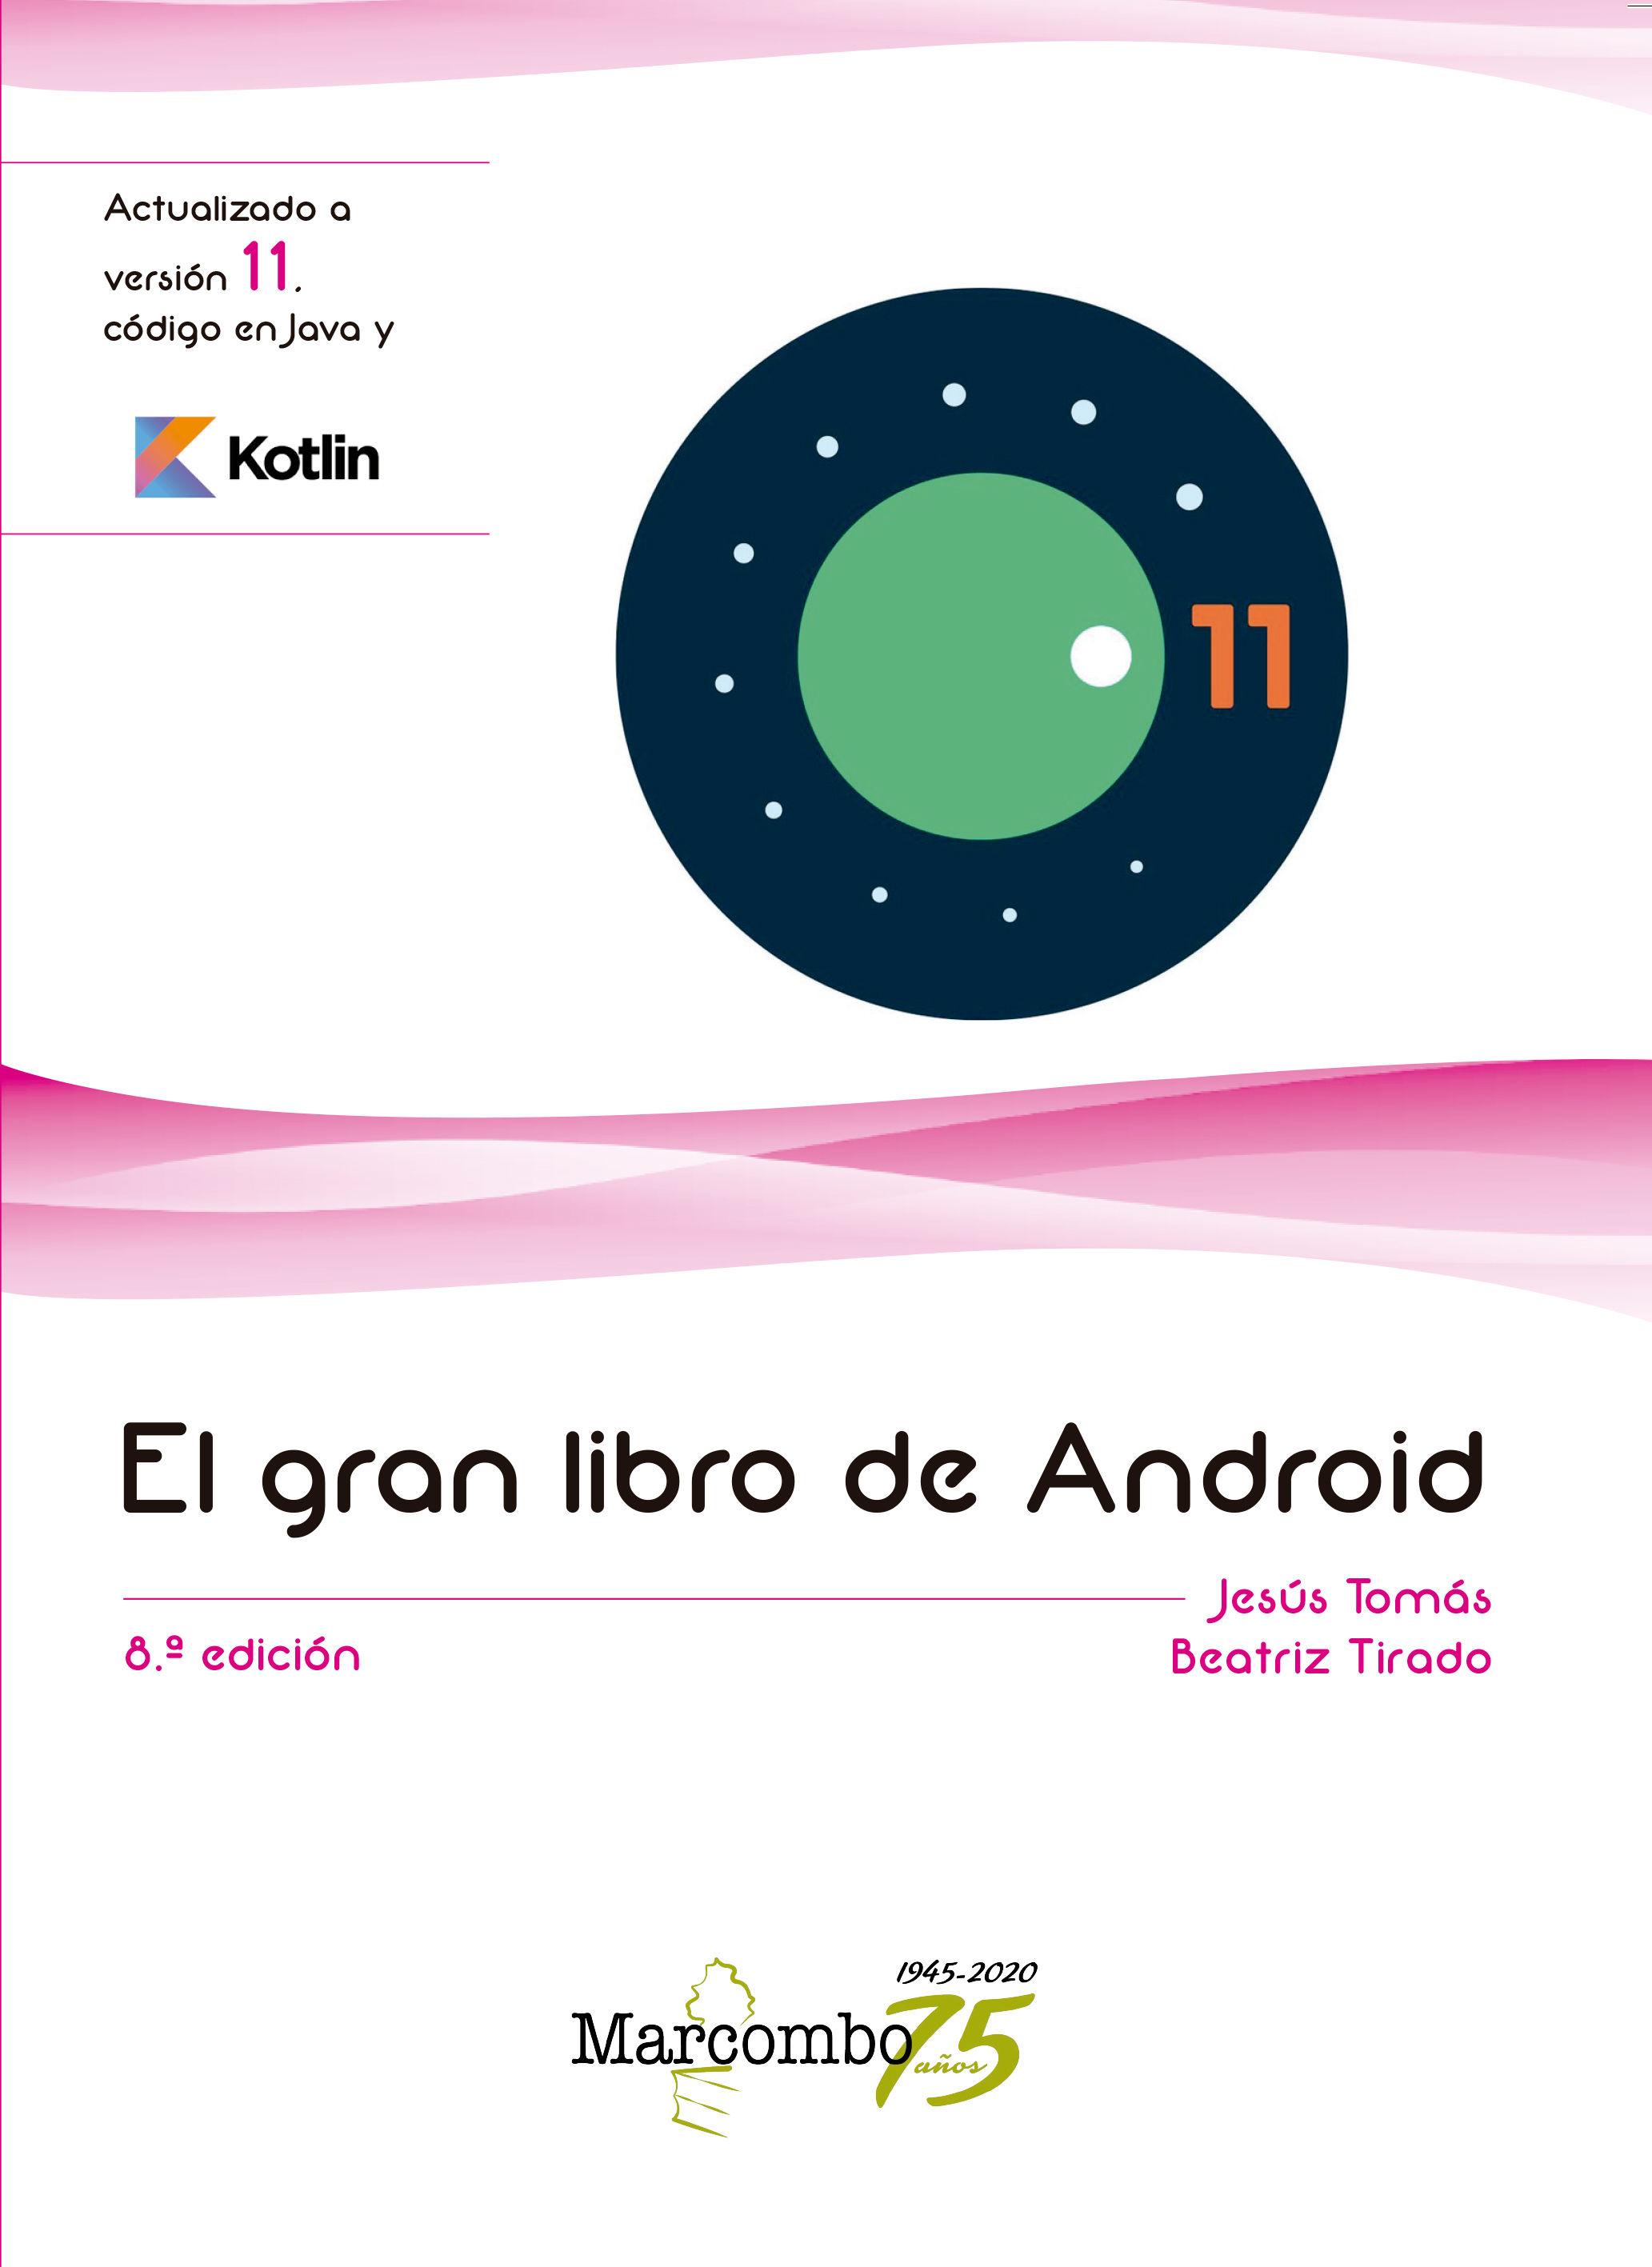 GRAN LIBRO DE ANDROID EL